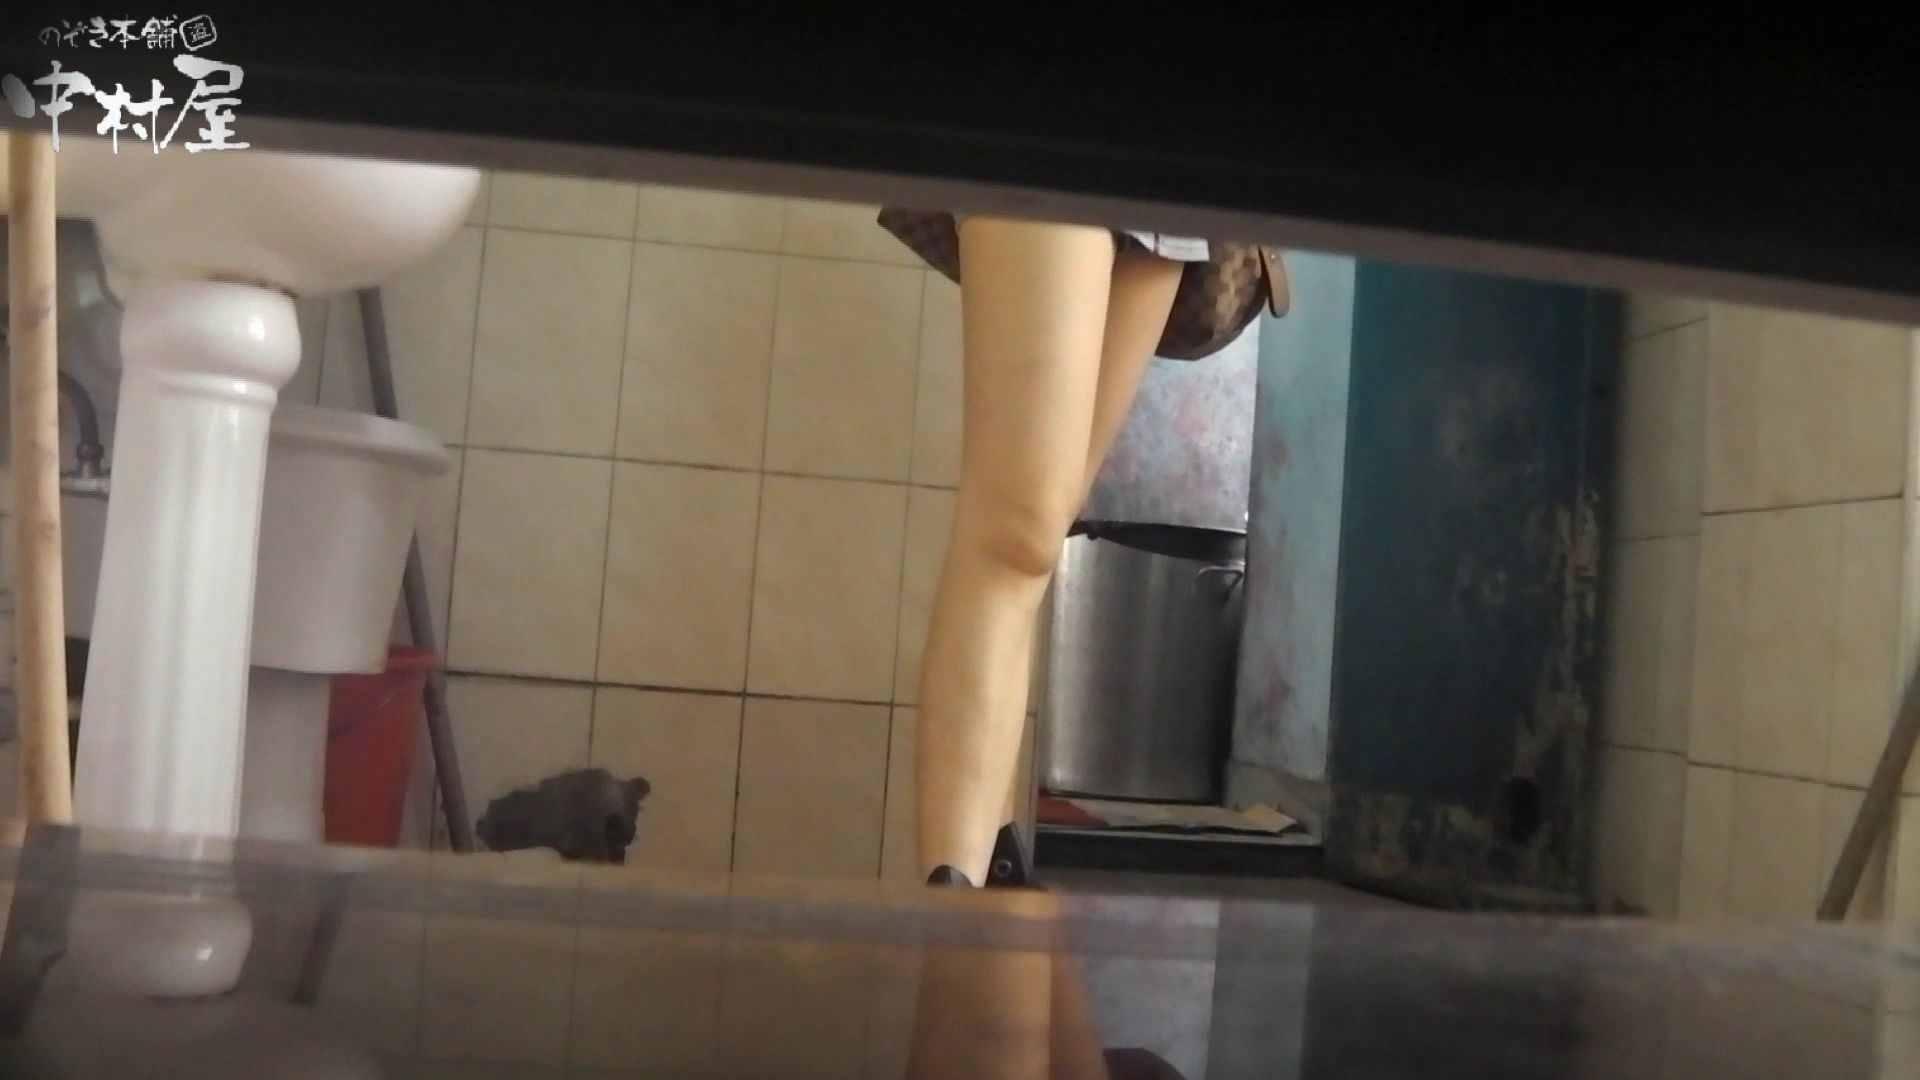 世界の射窓から~vol47 珍しい、毛からしたってくる聖水 OLエロ画像  113PICs 20